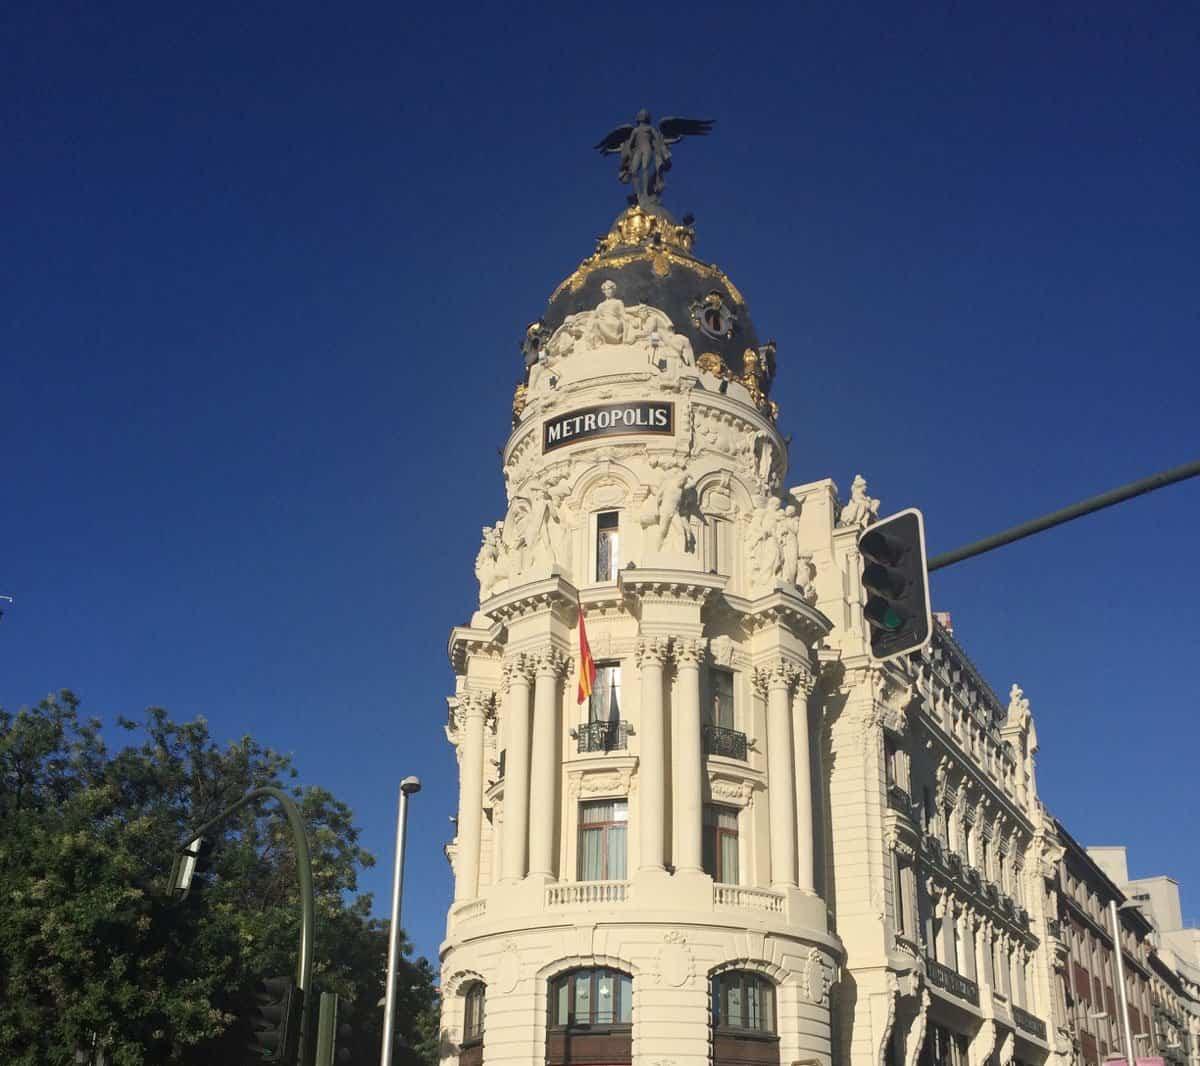 Edificio Metrópolis en Gran Vía de Madrid (España) - Agosto 2016